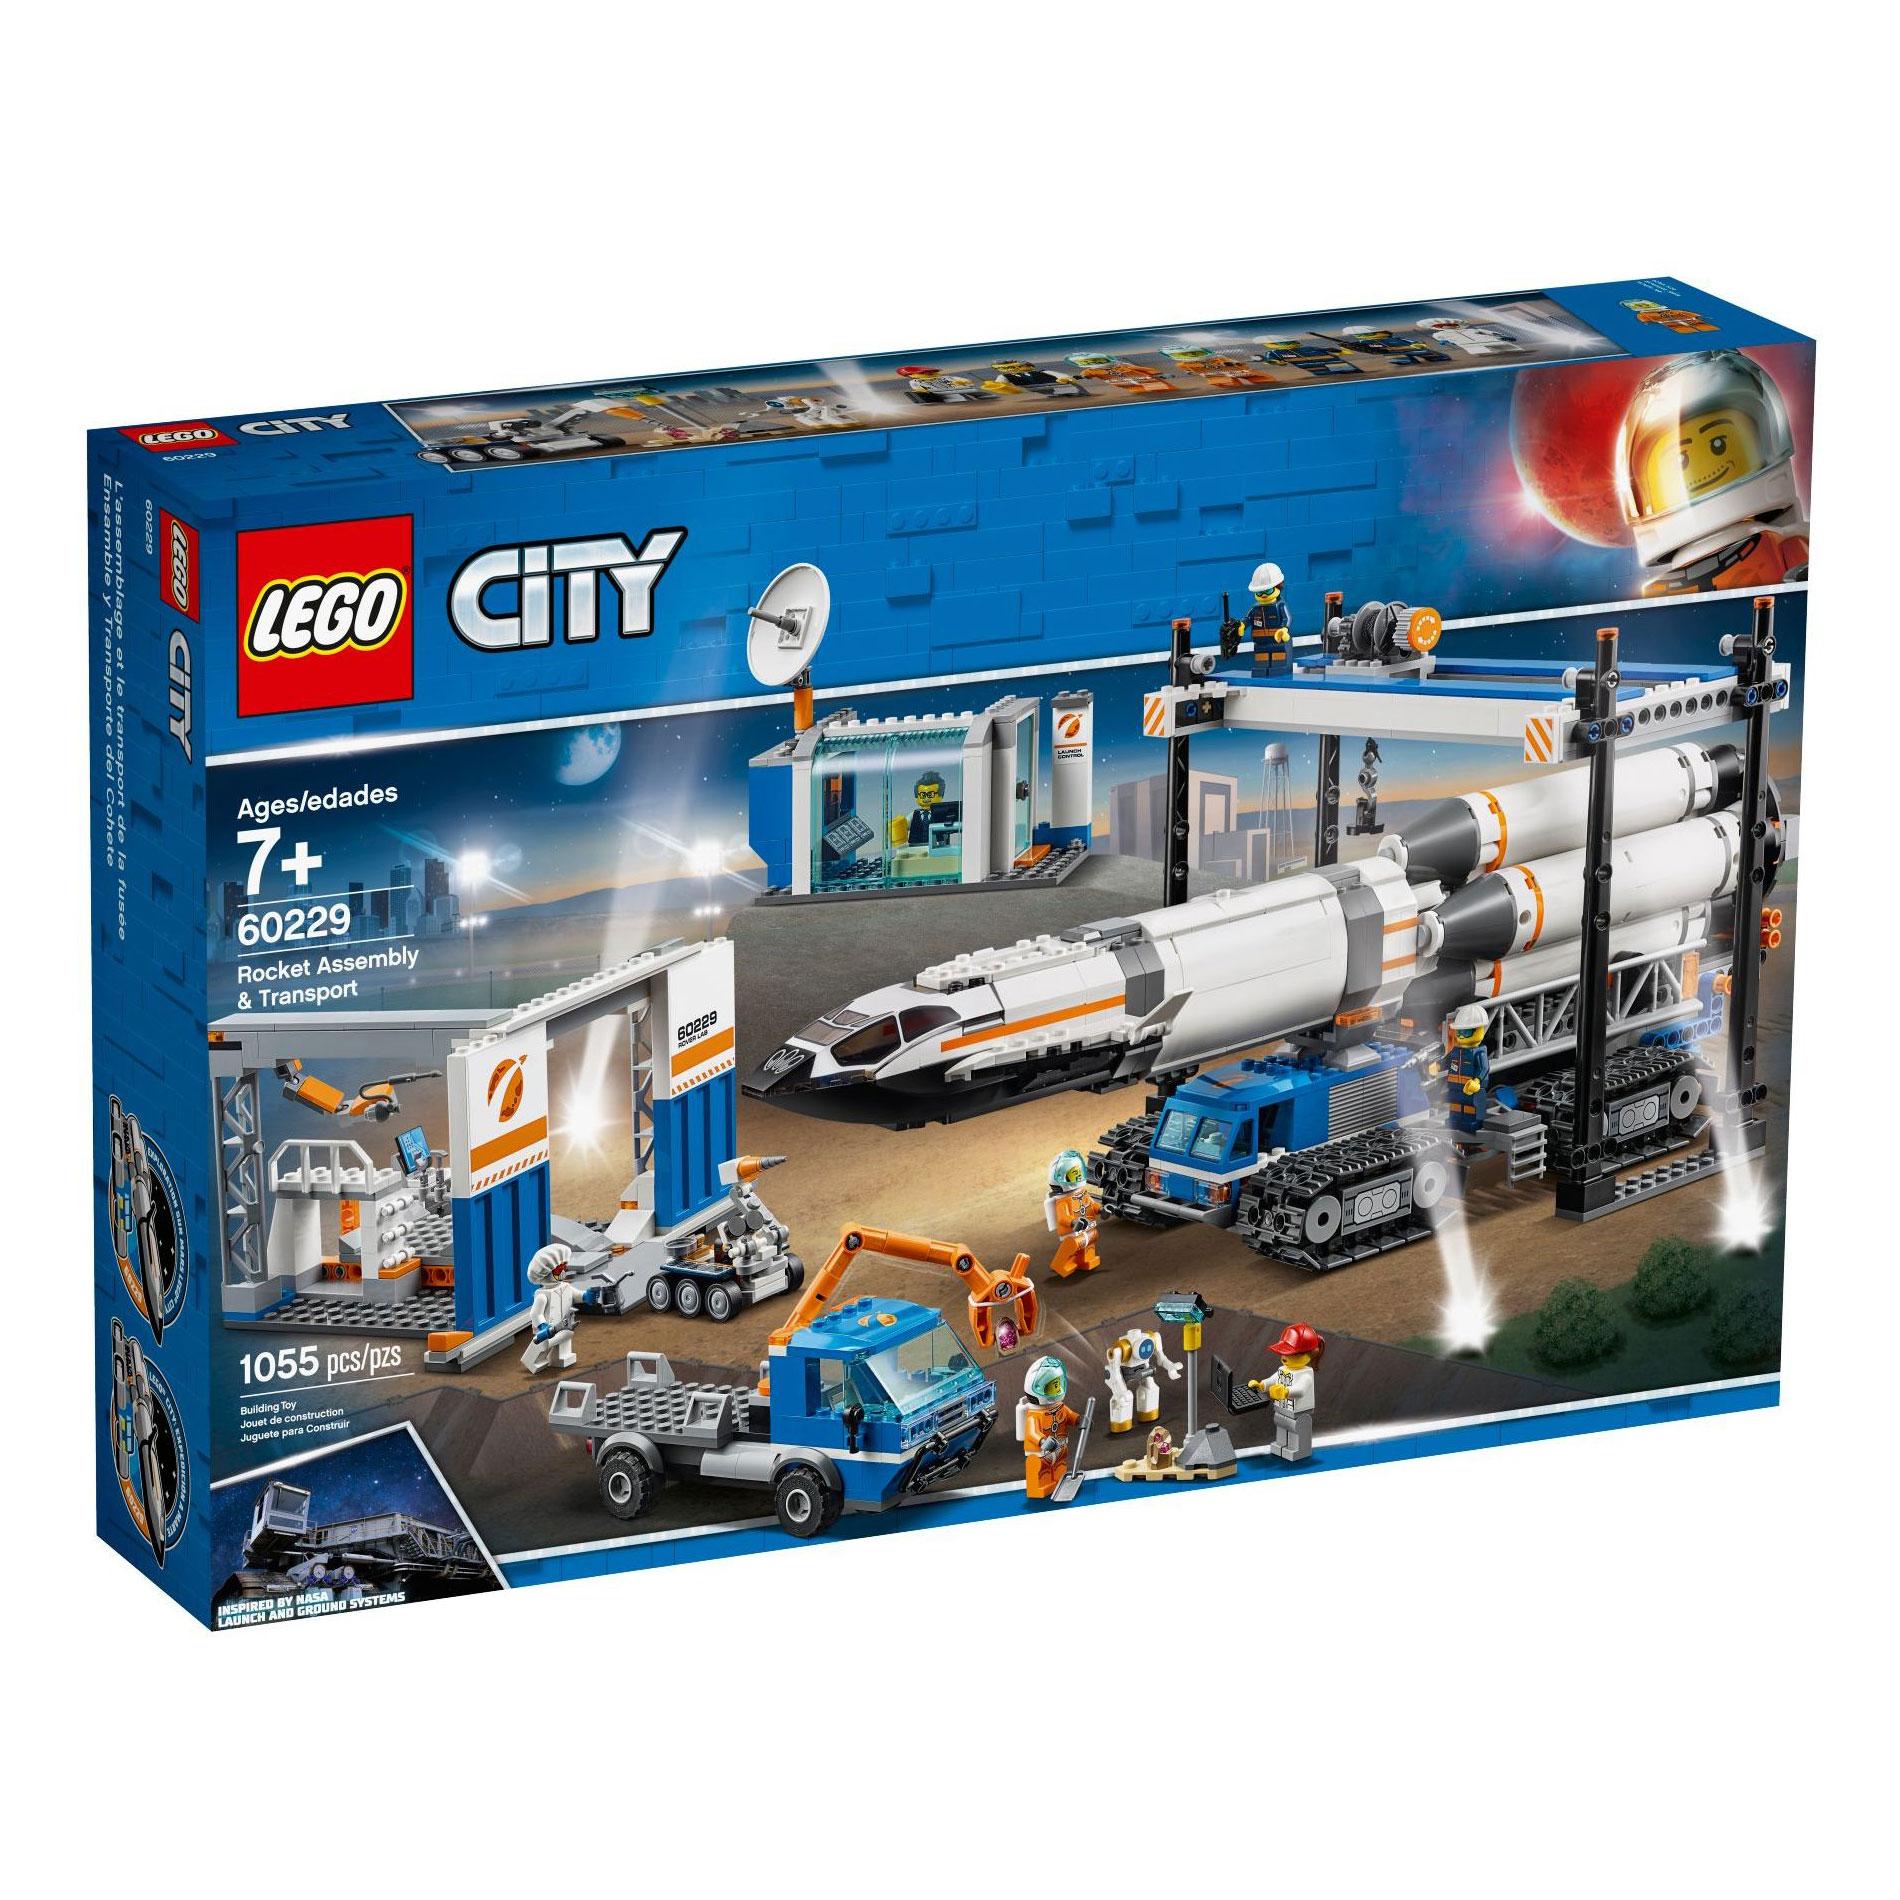 לגו מגה סטור סיטי LEGO Rocket Assembly & Transport 60229